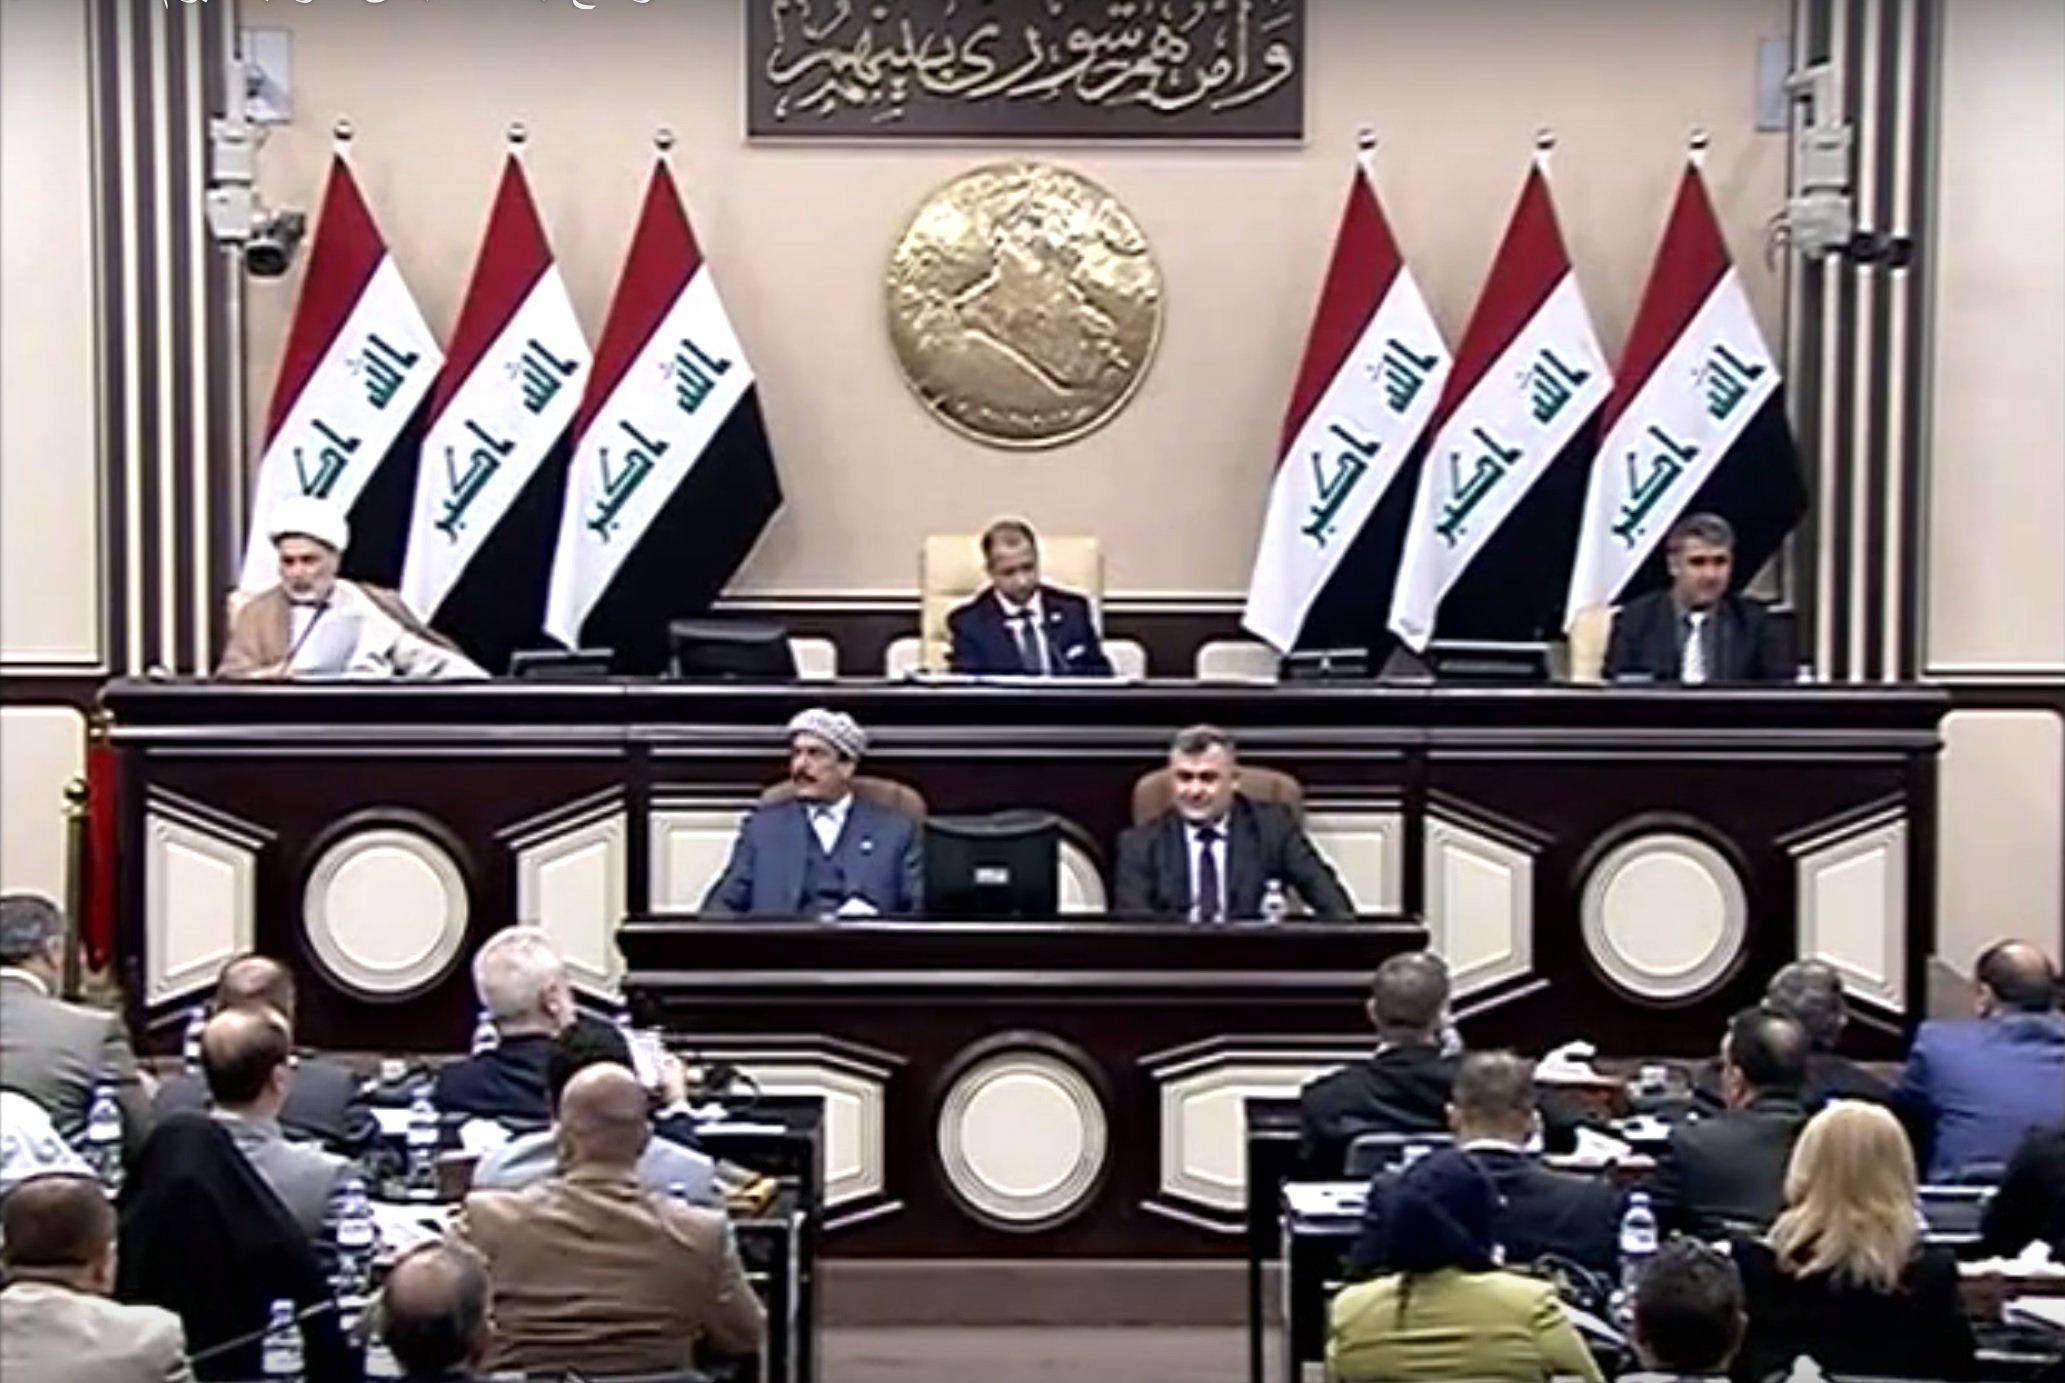 عن البرلمان العراقي المسلح الجديد